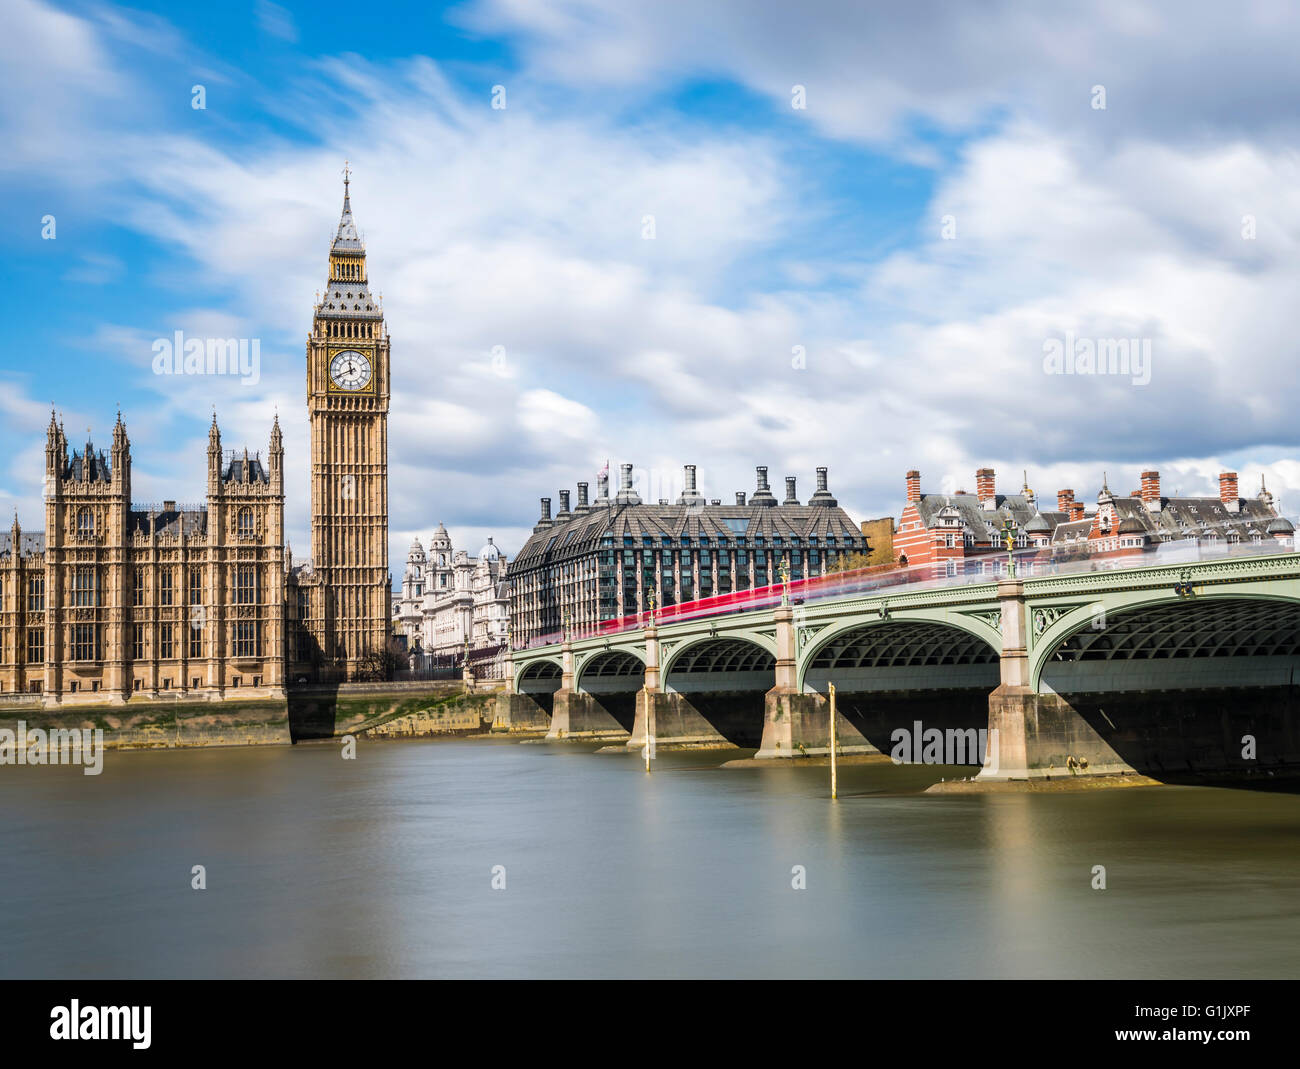 La larga exposición de autobuses rojos en el puente de Westminster, Londres, Reino Unido. Imagen De Stock